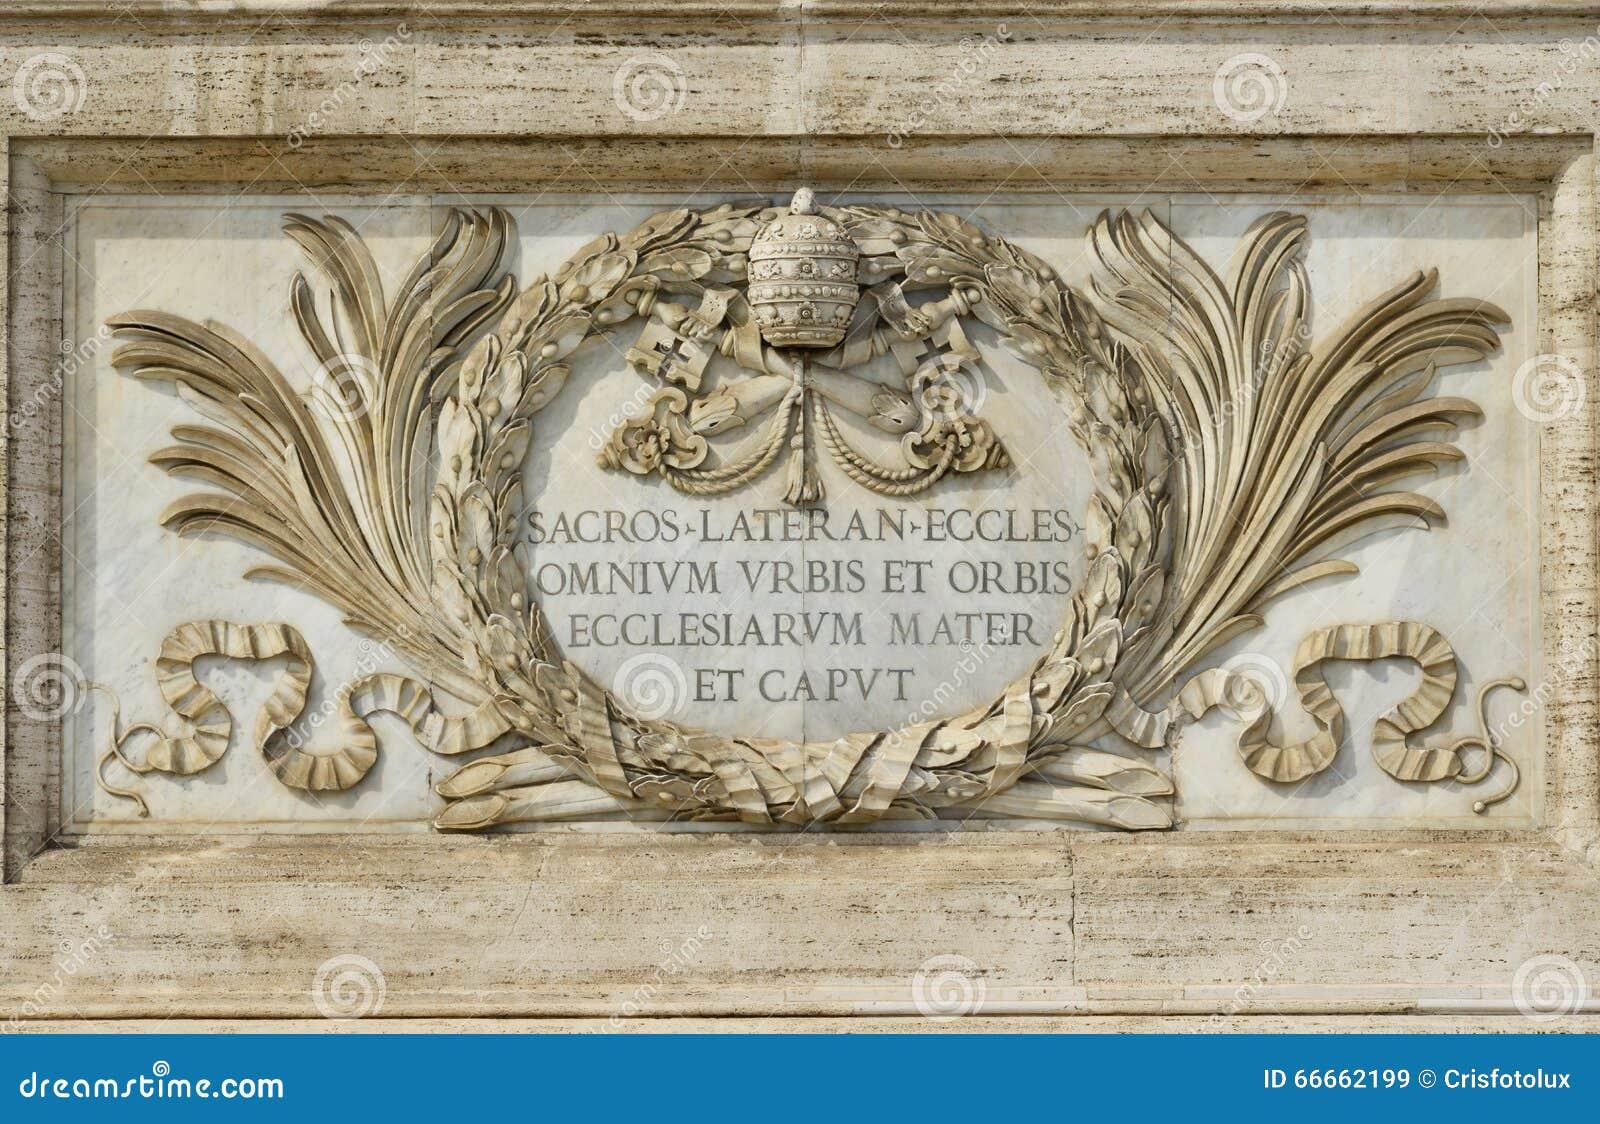 Άγιος John στη βασιλική Lateran στη Ρώμη, το σημαντικότερο churc